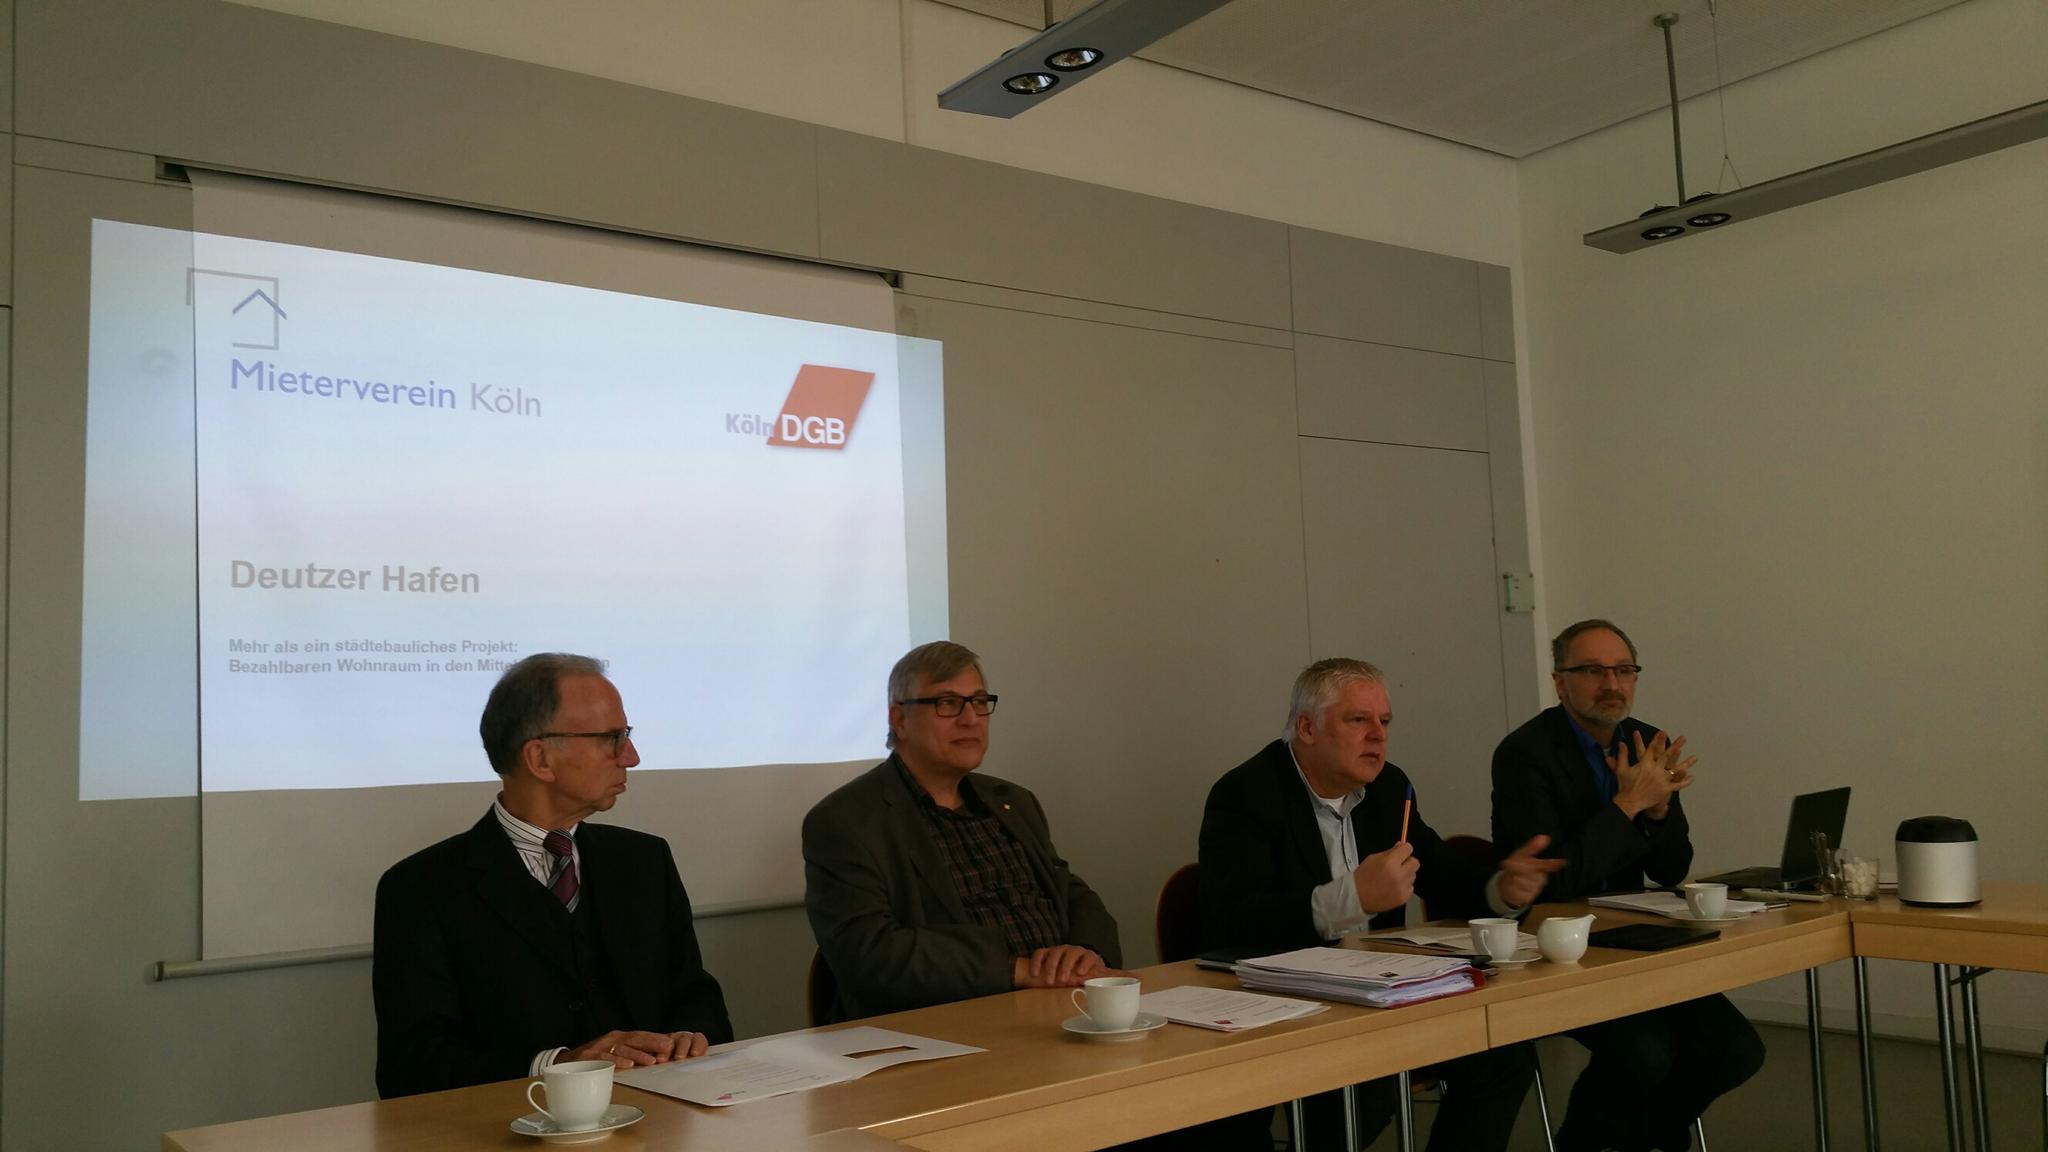 Pressekonferenz DGB / Mieterverein